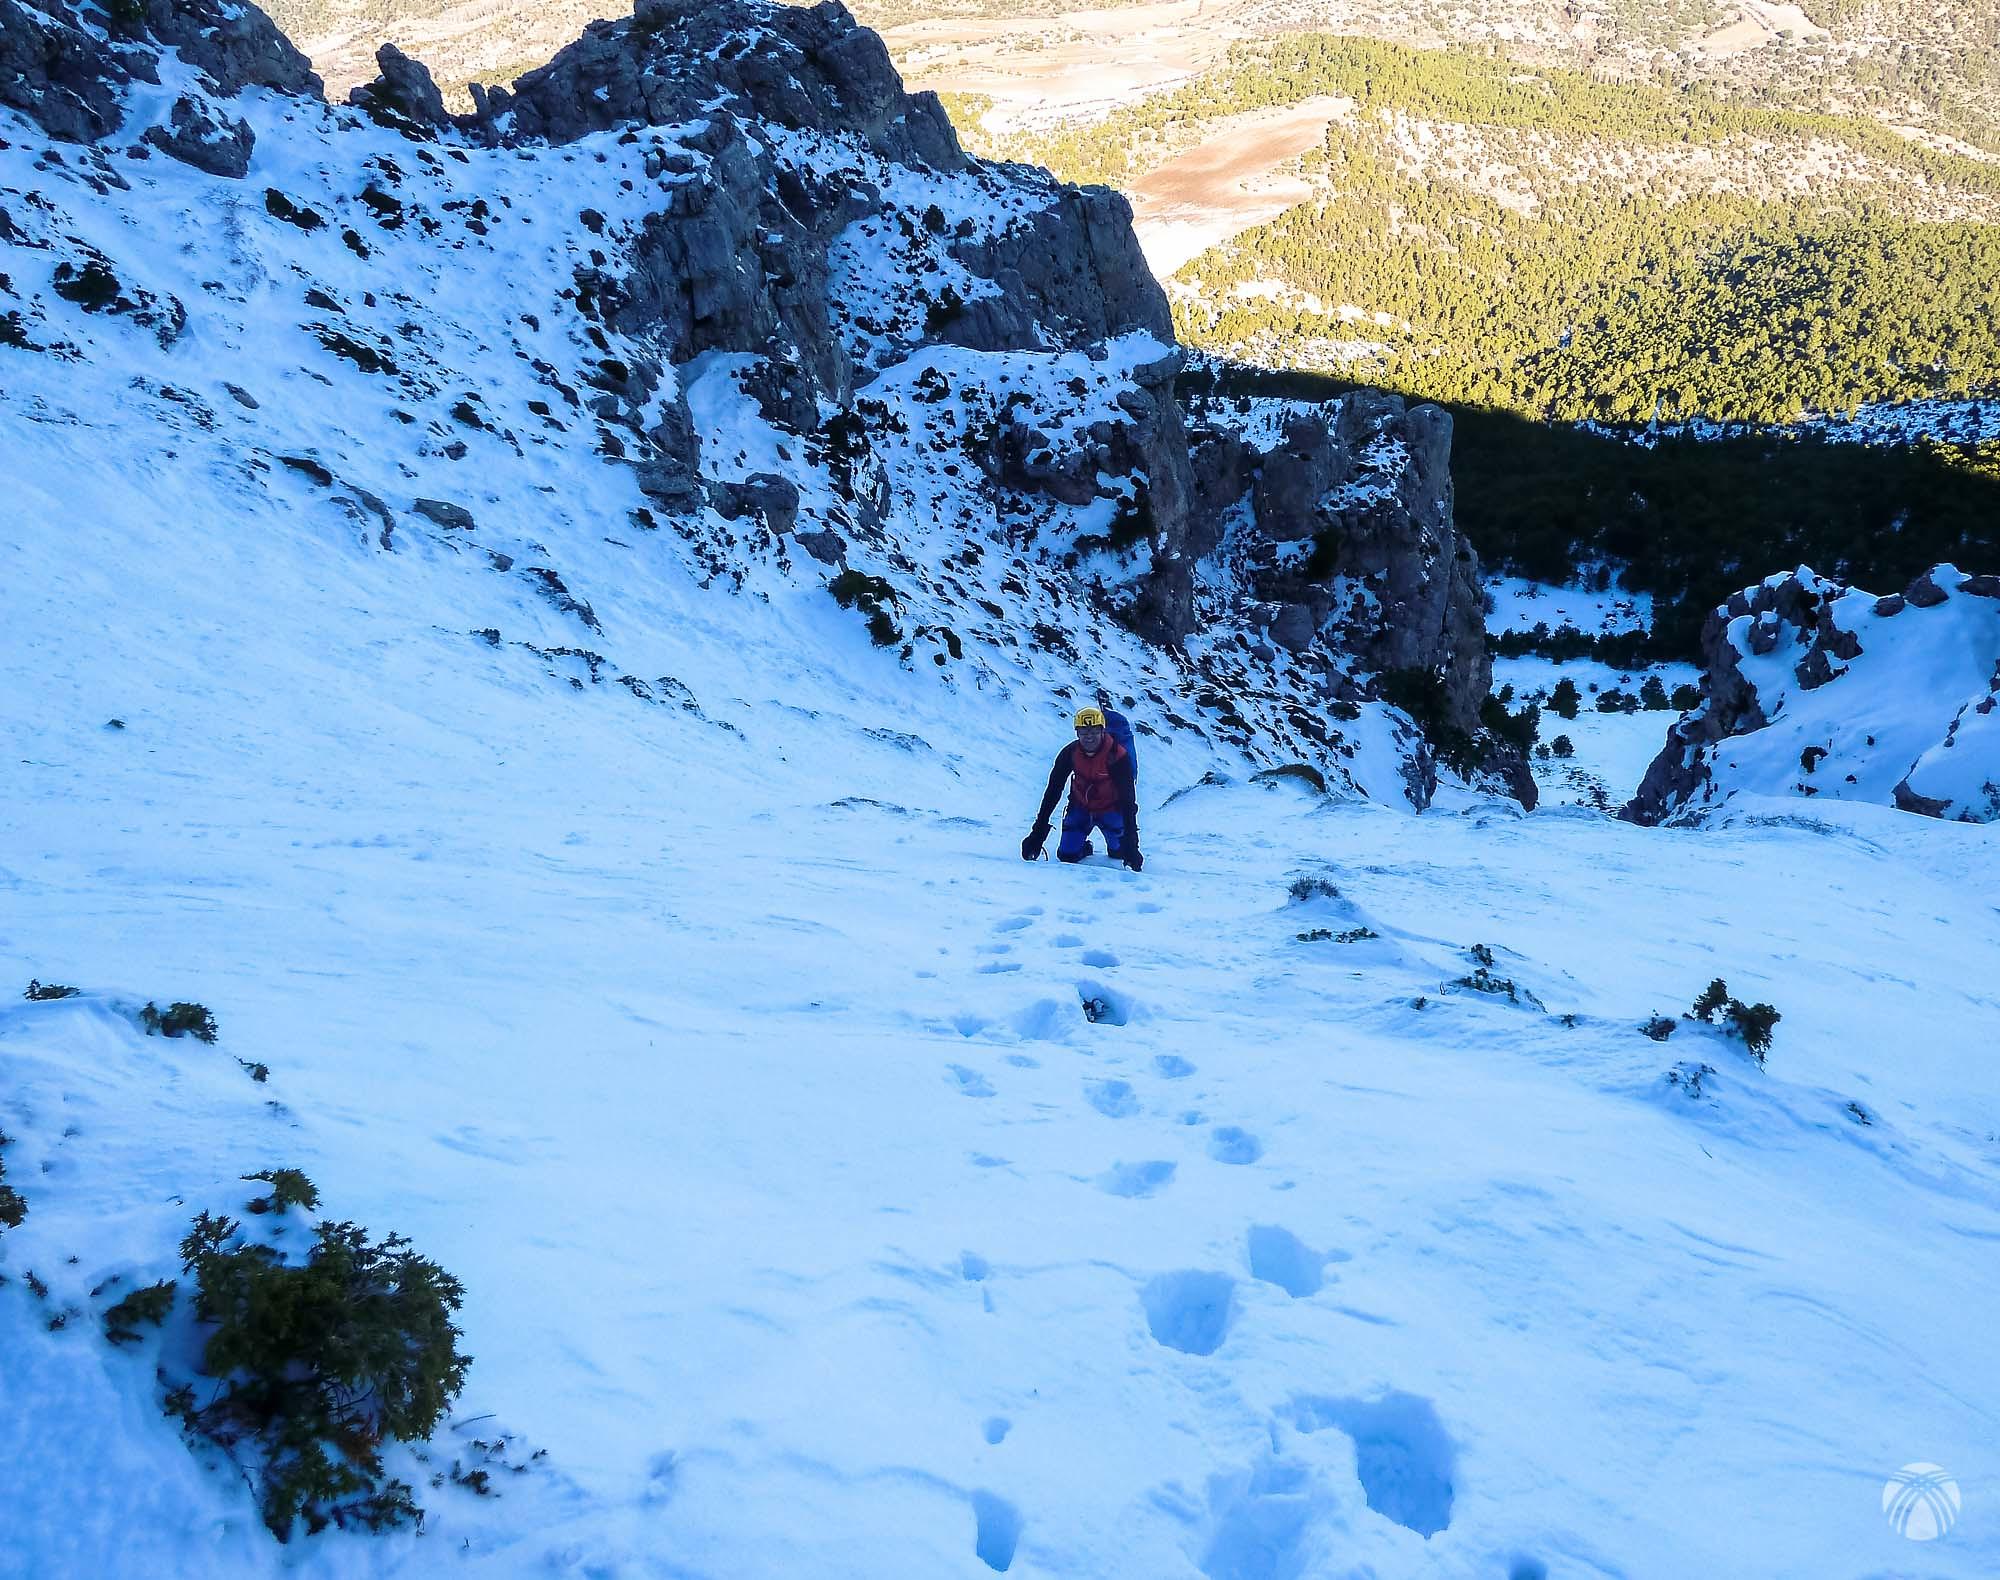 La nieve empeora conforme ganamos altura